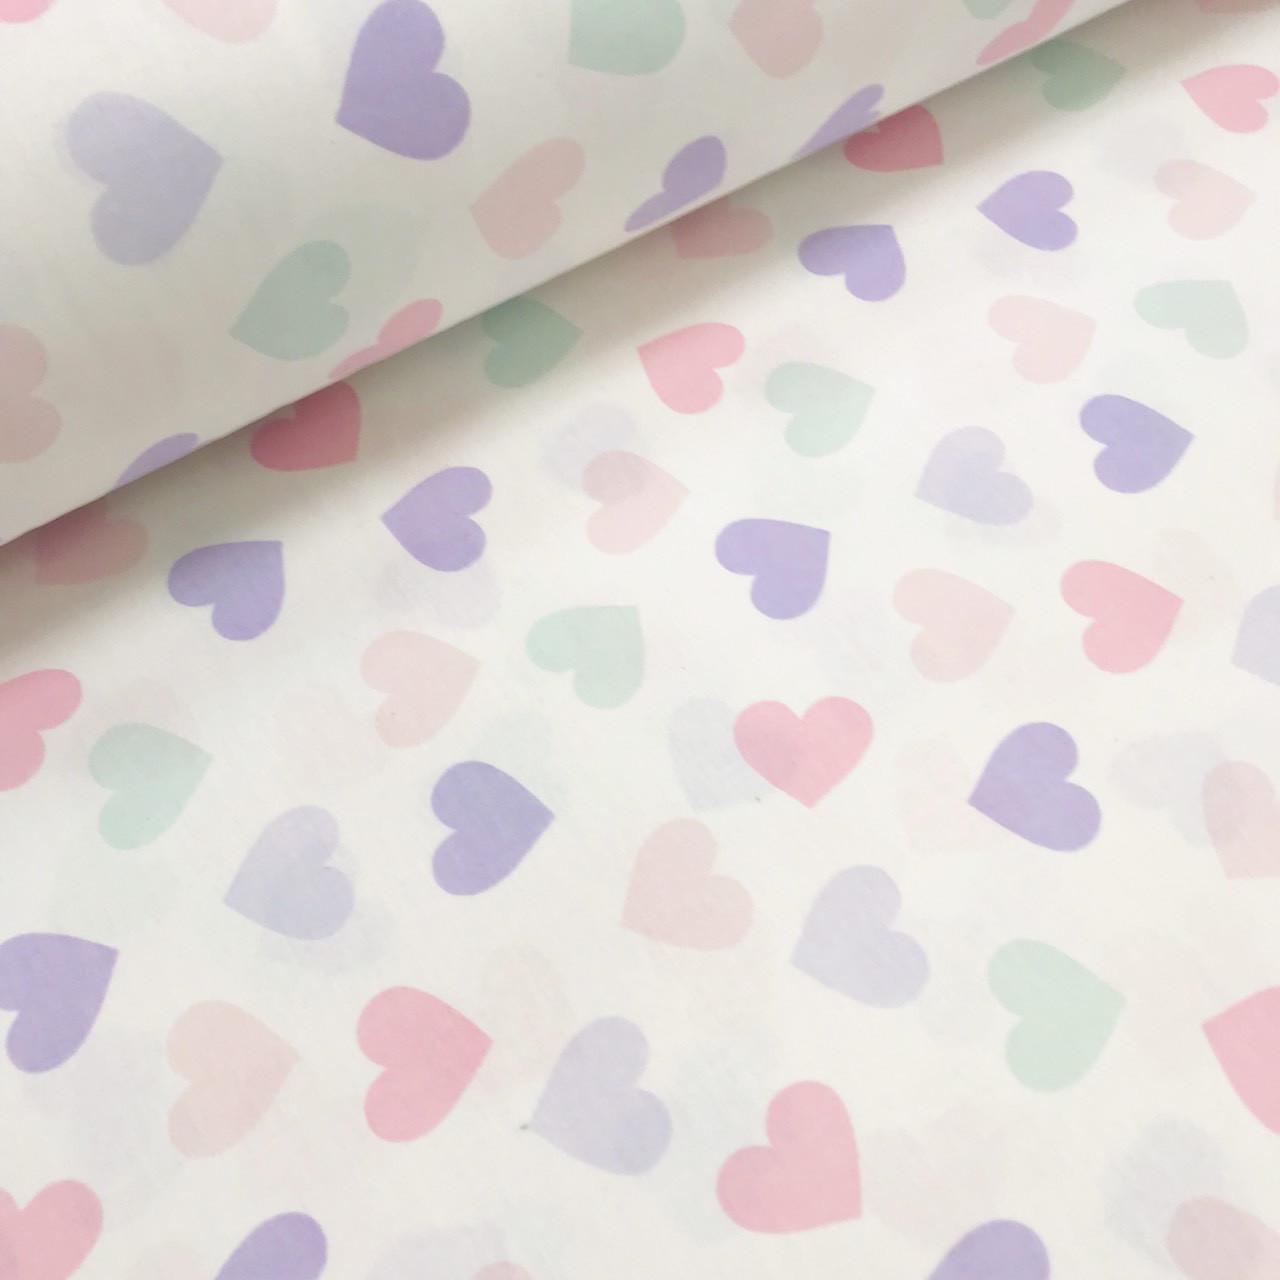 Хлопковая ткань (ТУРЦИЯ шир. 2,4 м) сердца  фиолетово-розовые на белом